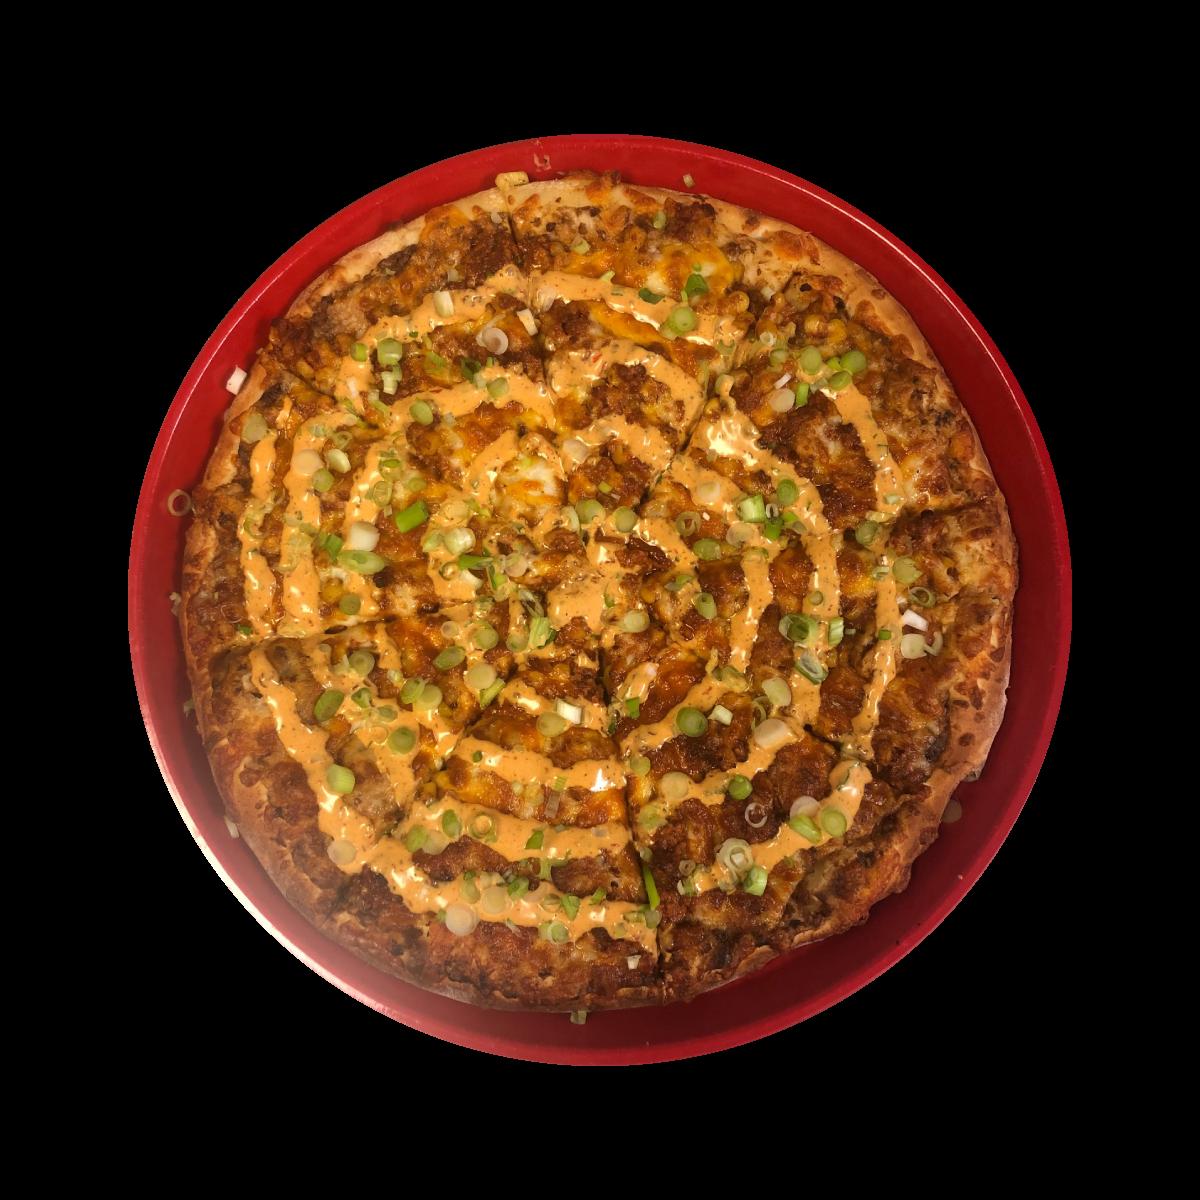 The Cornrizo Pizza